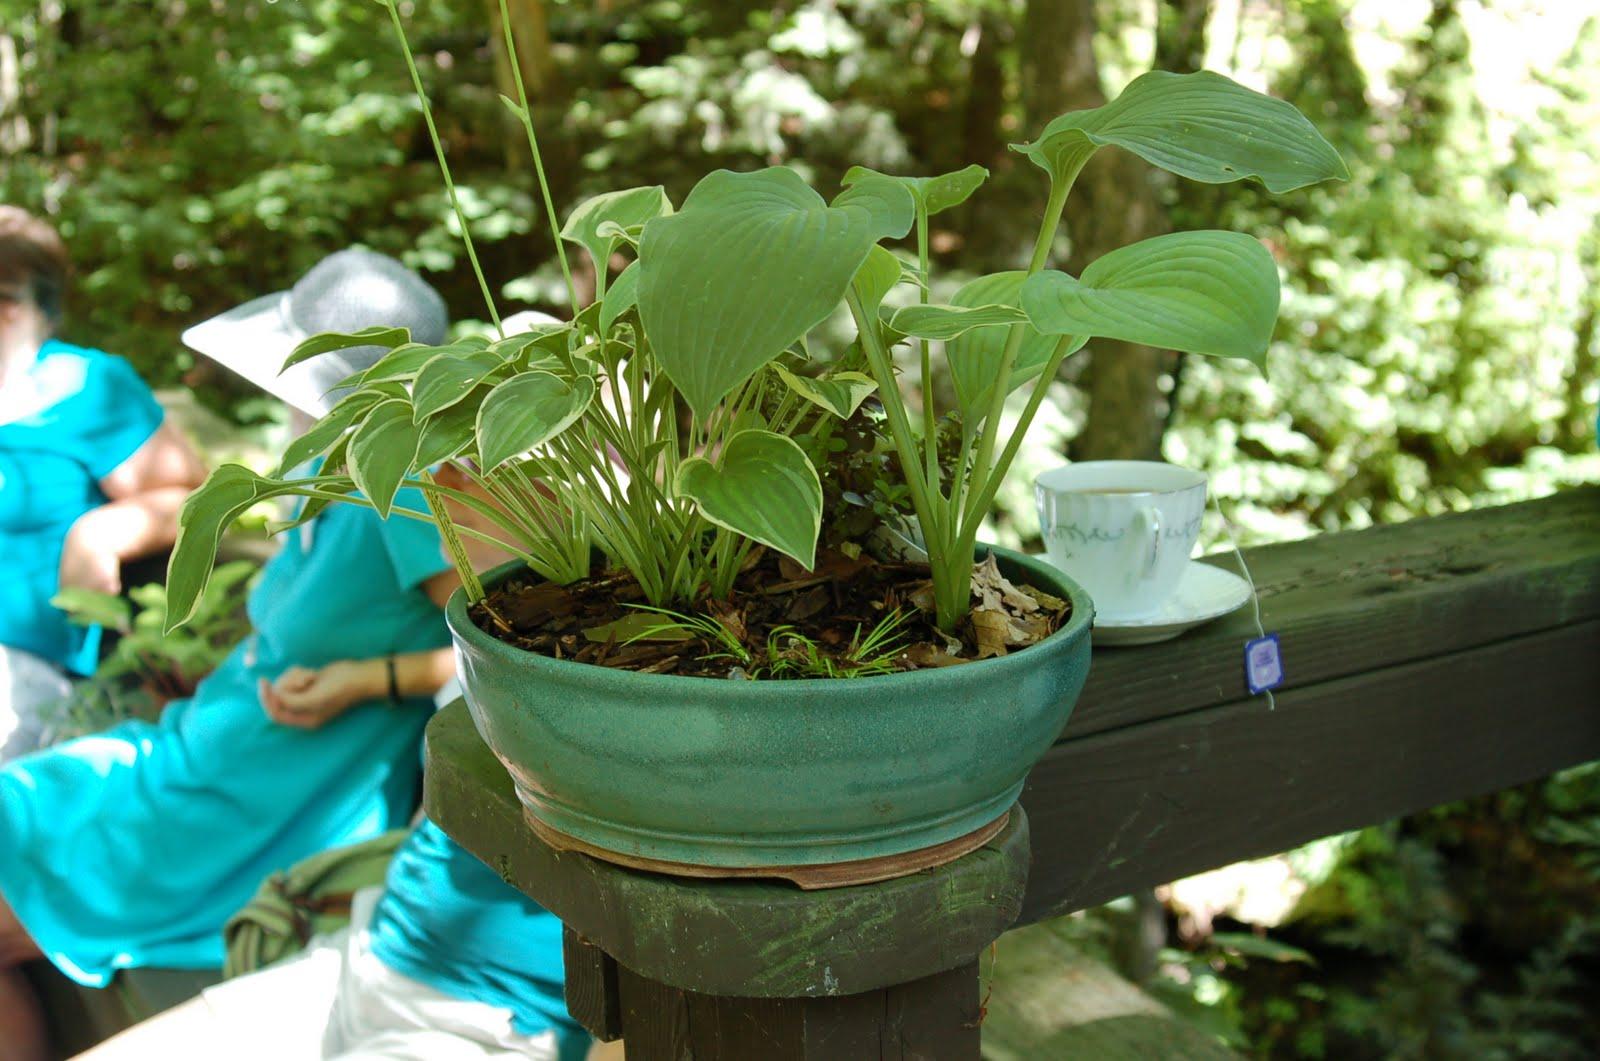 Garden Walk Garden Talk: Bwisegardening: A Pot Of Tea, A Garden Walk, A Plant